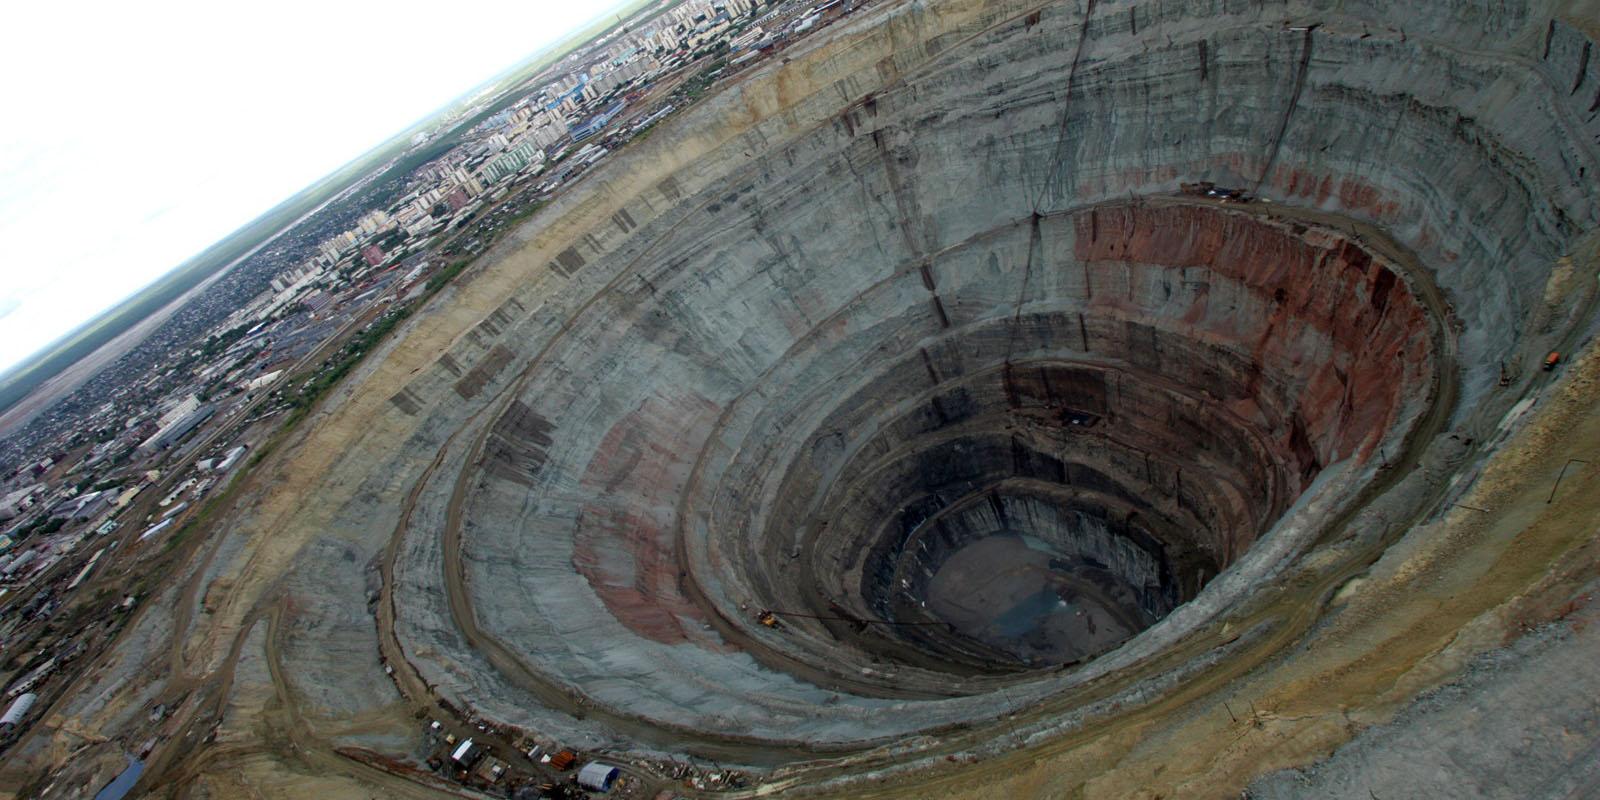 رشد اقتصادی پایدار از بزرگراه معدن میگذرد